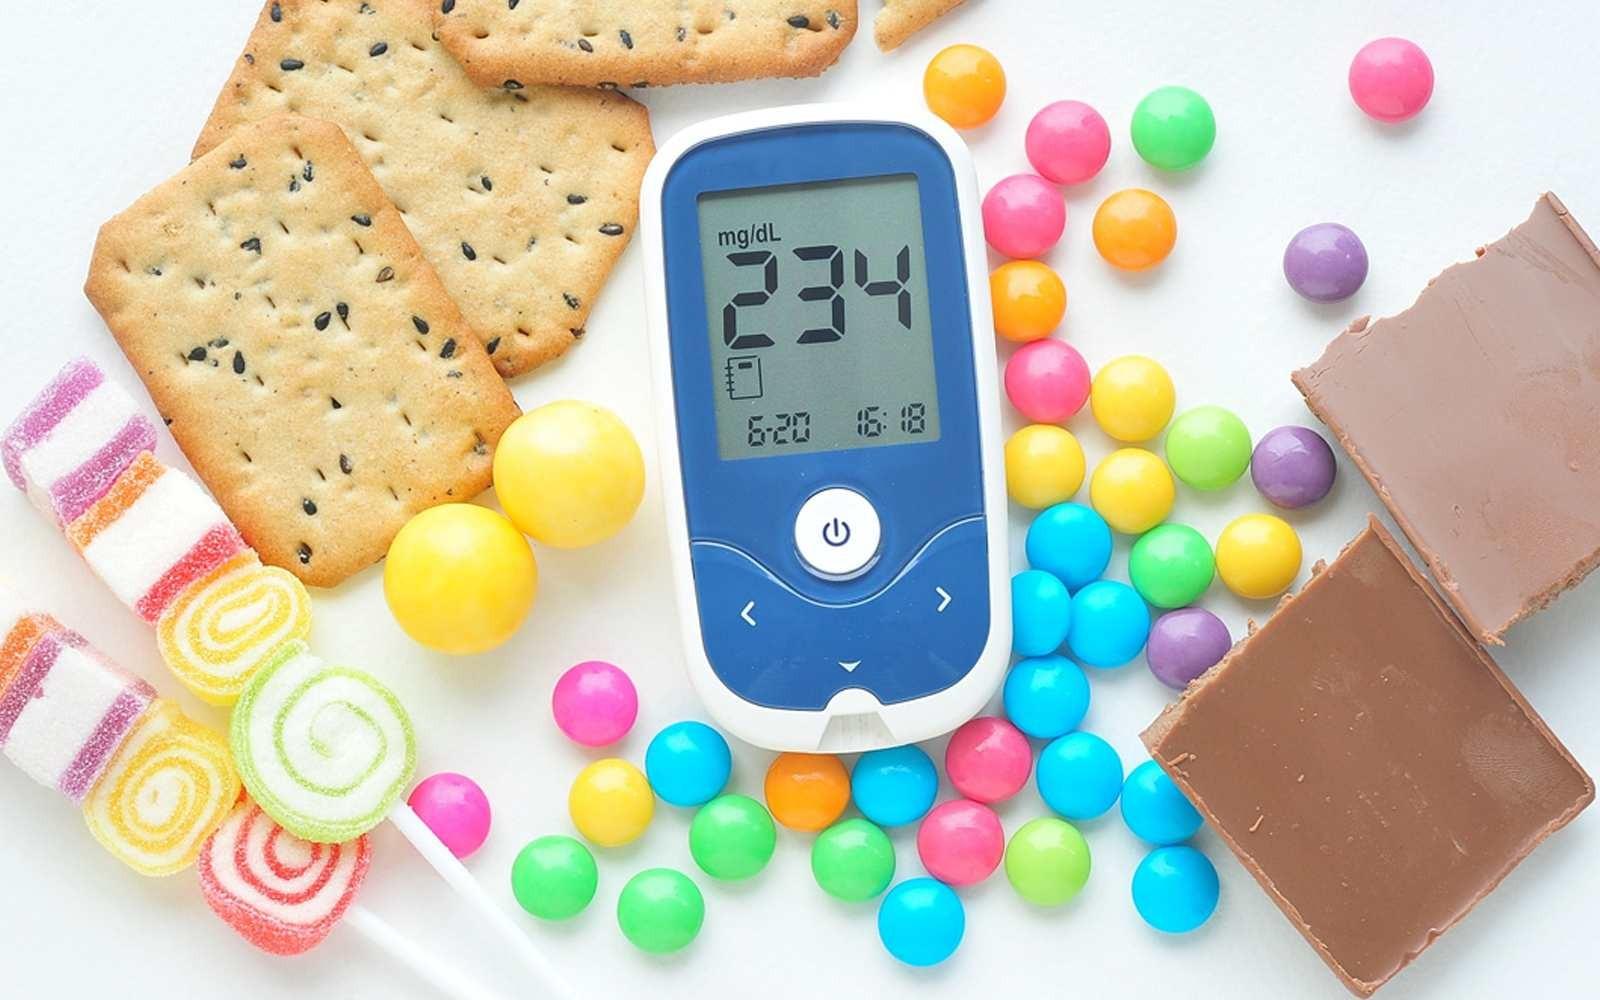 Sudah Minum Obat Diabetes tapi Gula Darah Tetap Tinggi, Apa yang Salah?